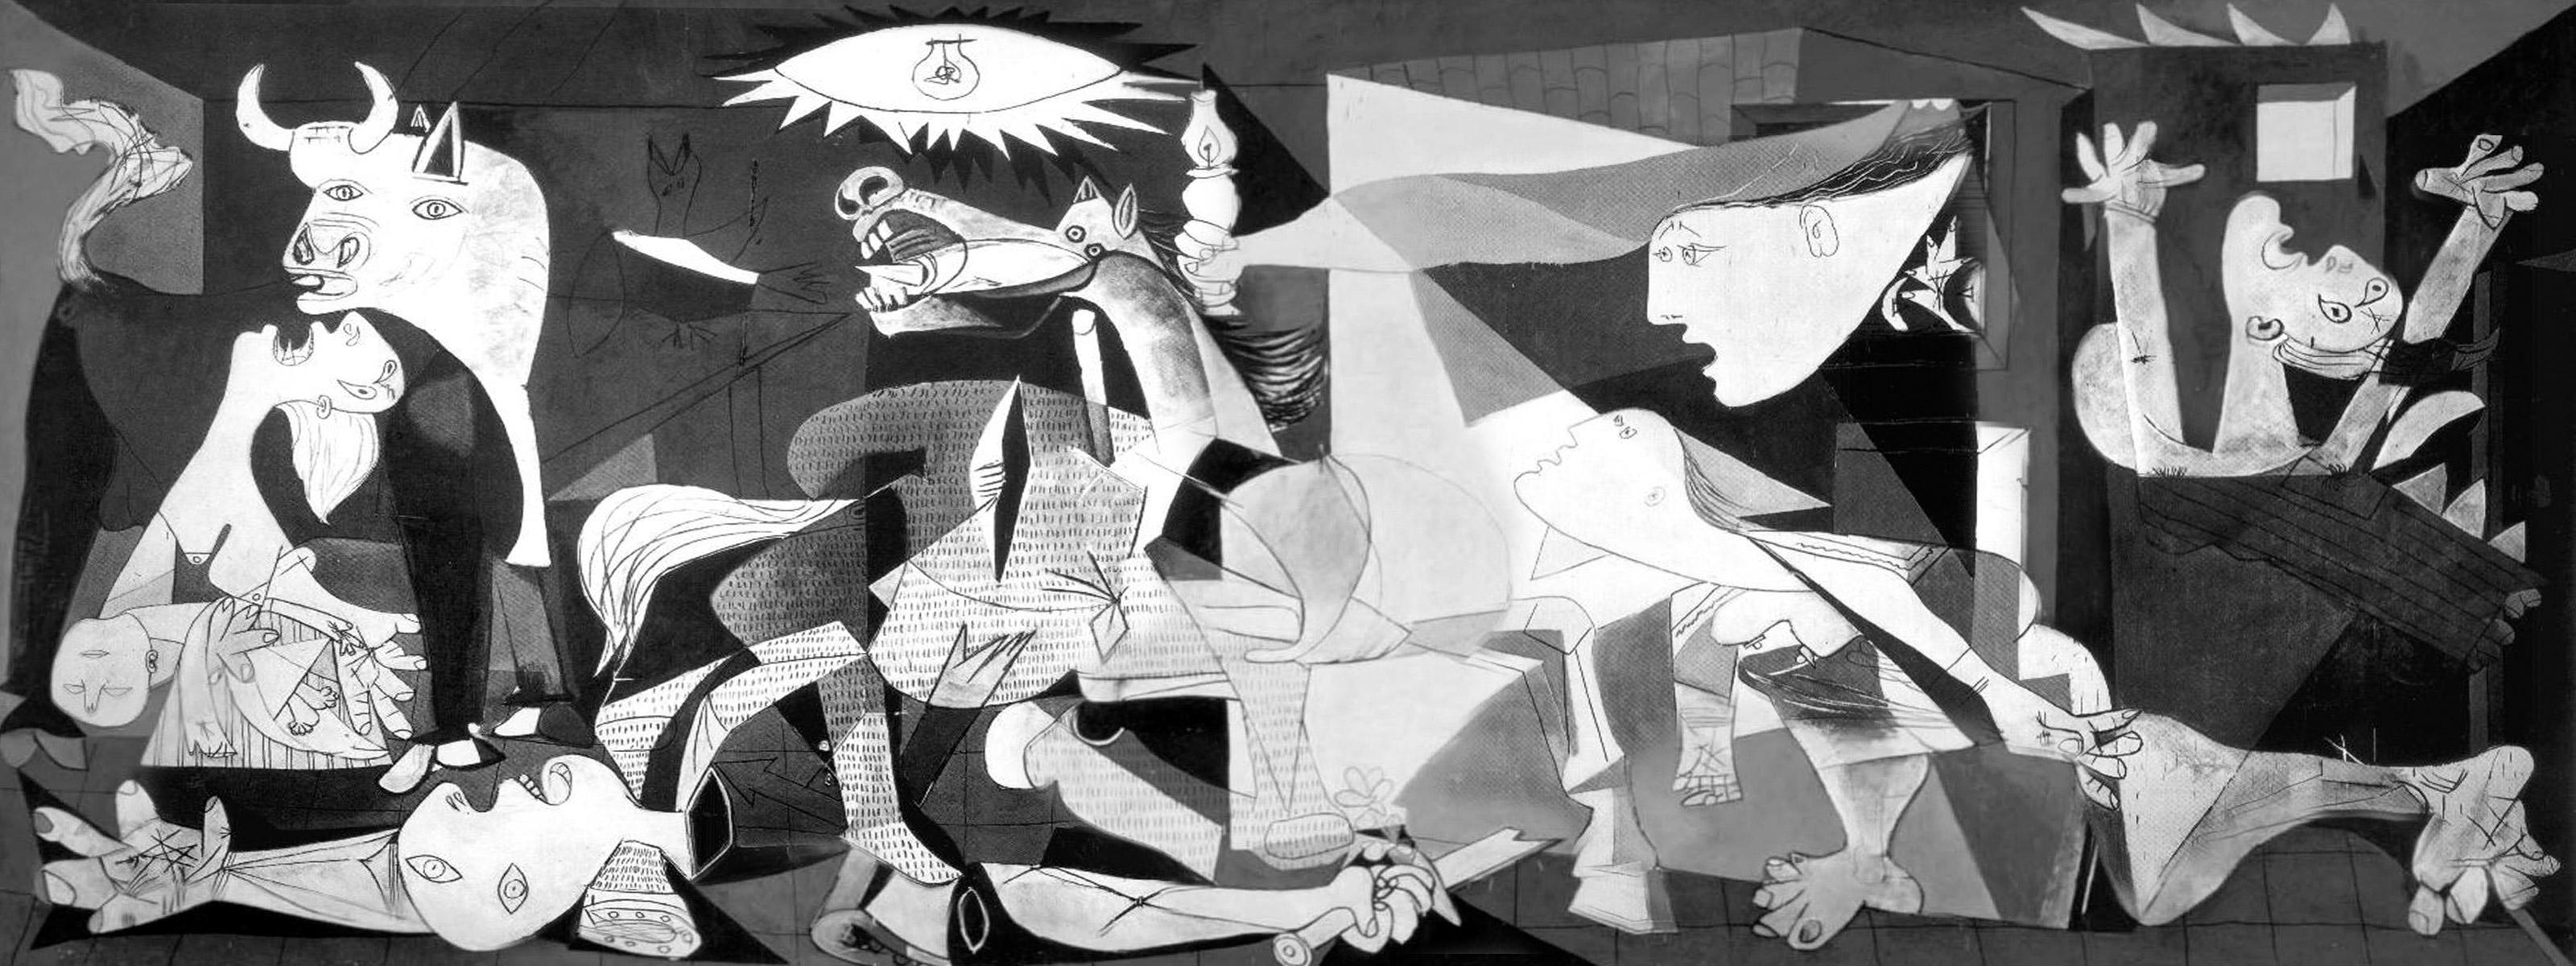 Guernica / Picasso